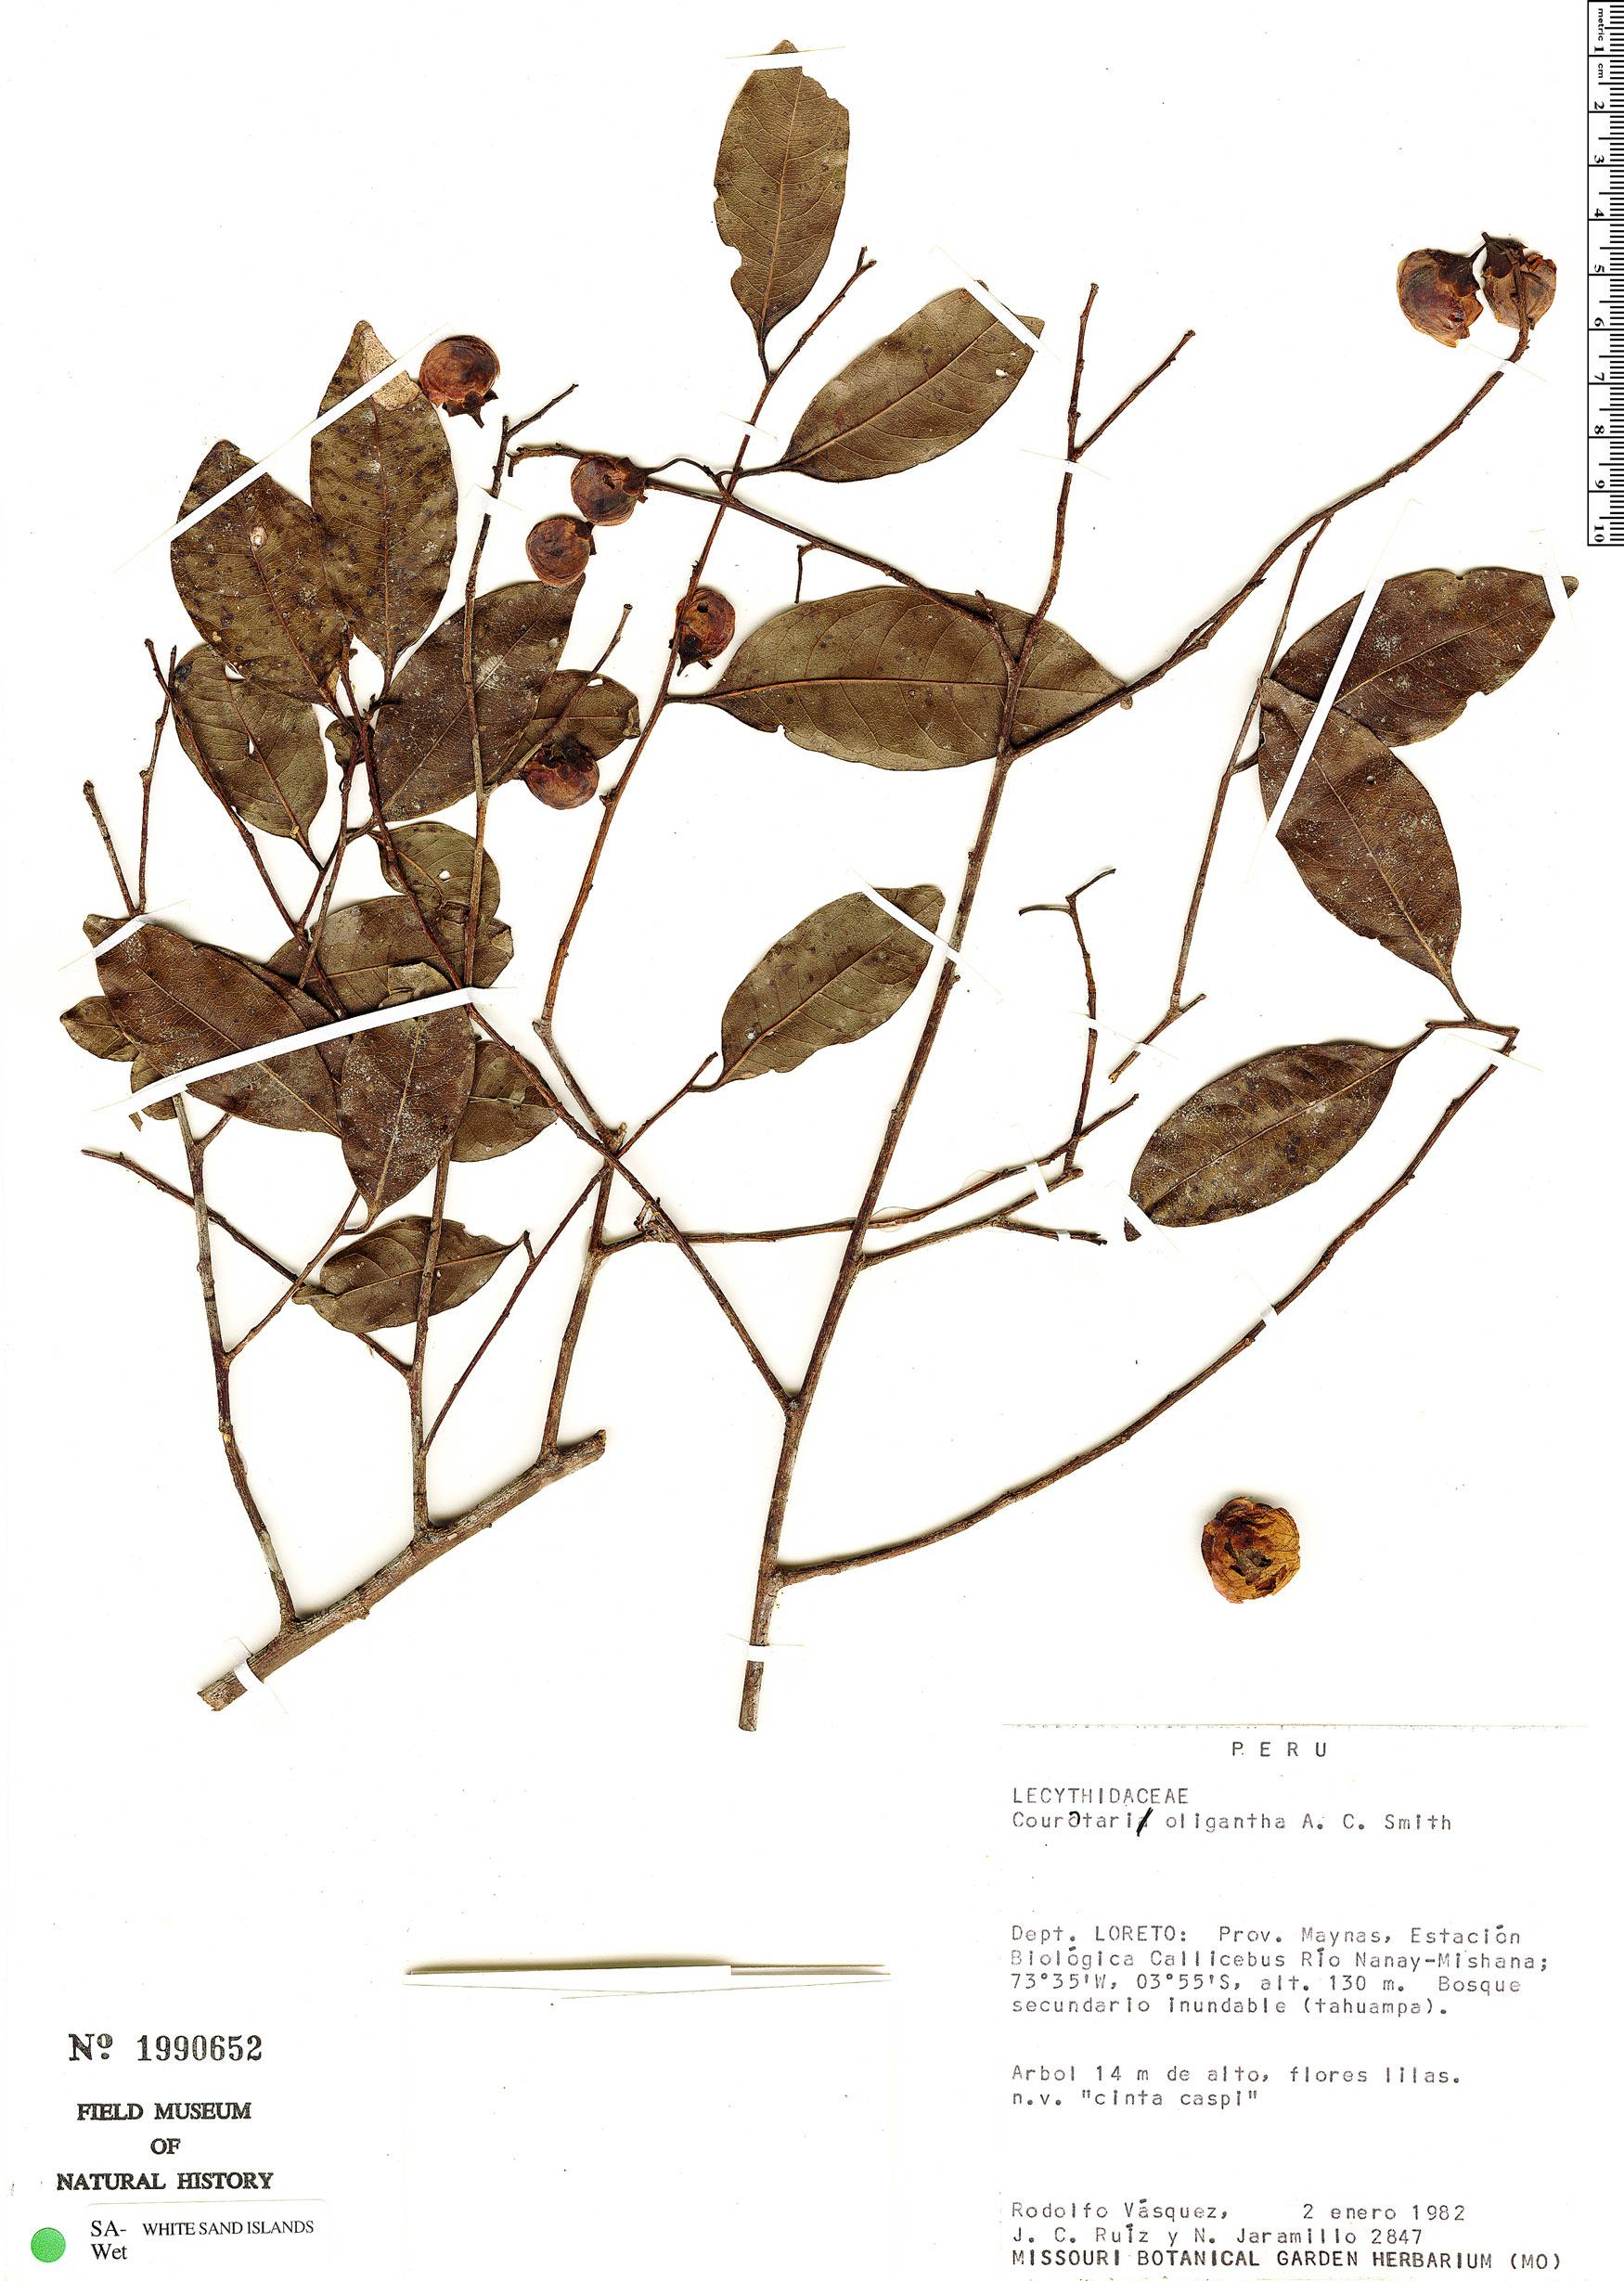 Espécimen: Couratari oligantha